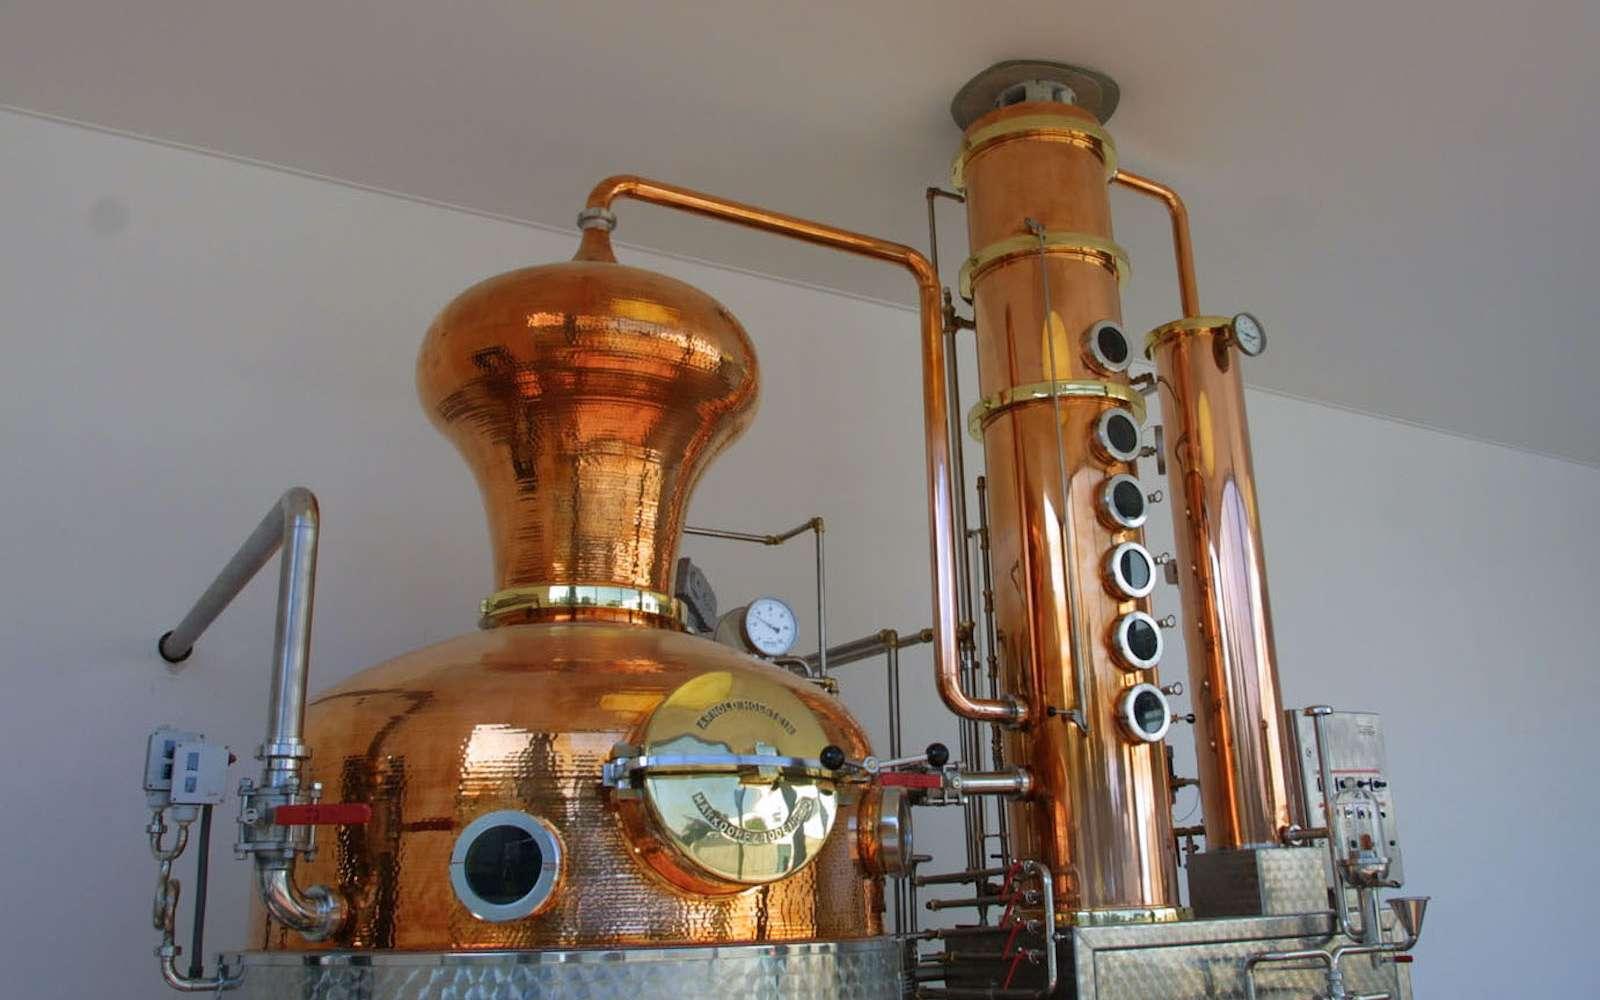 Un alambic est un appareil destiné à distiller l'alcool ou des huiles essentielles. © Lisandru2b, Wikipedia